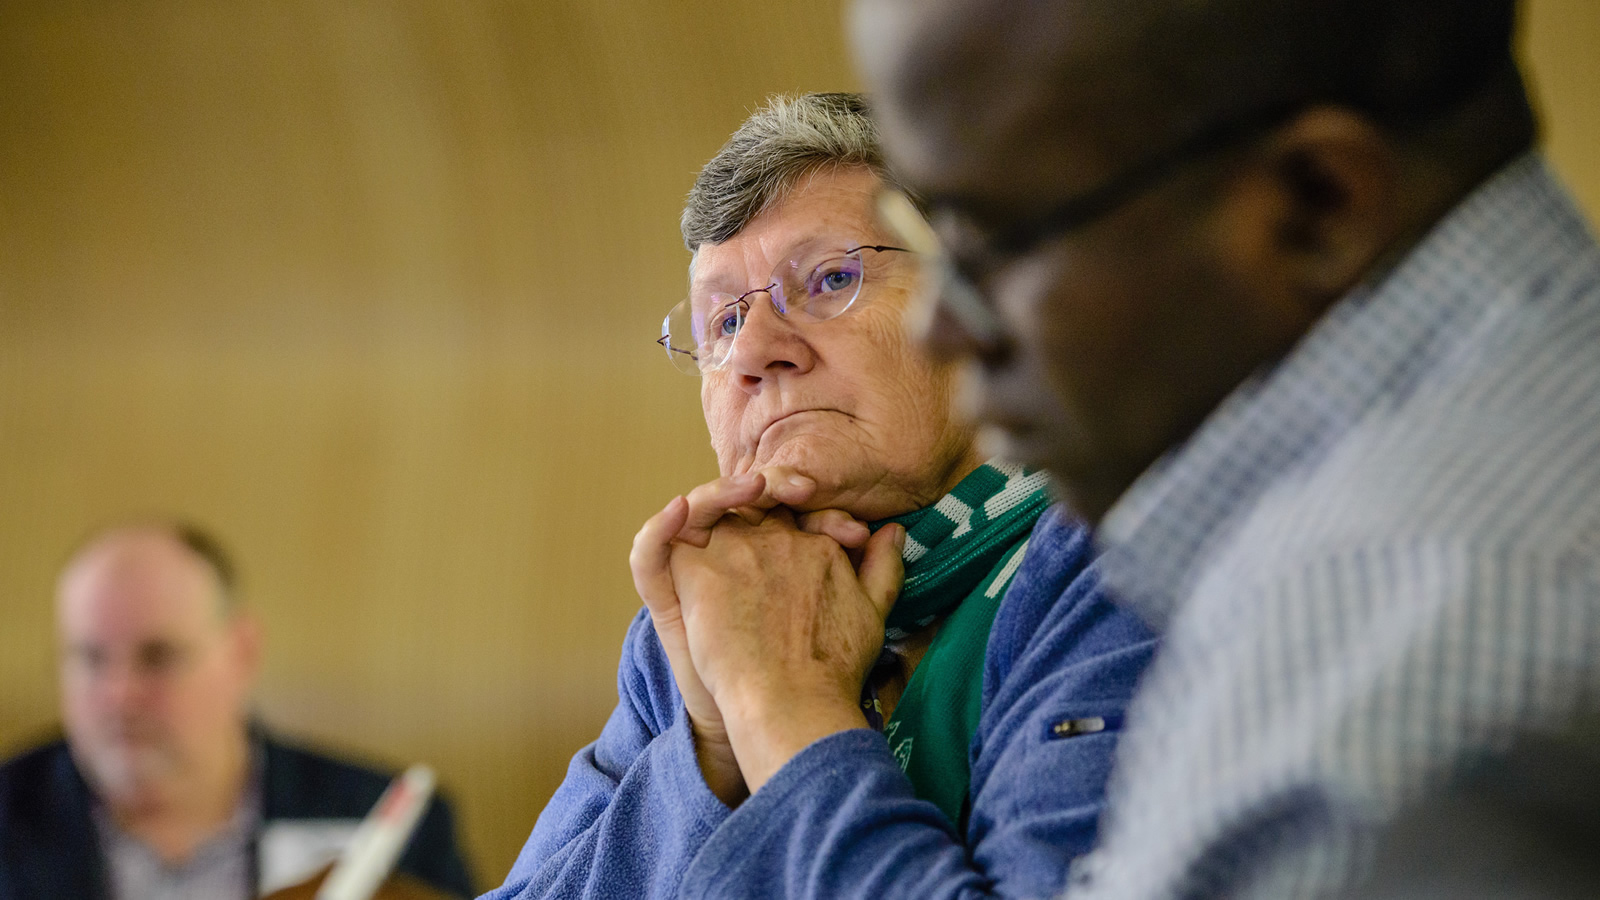 A participant listens.